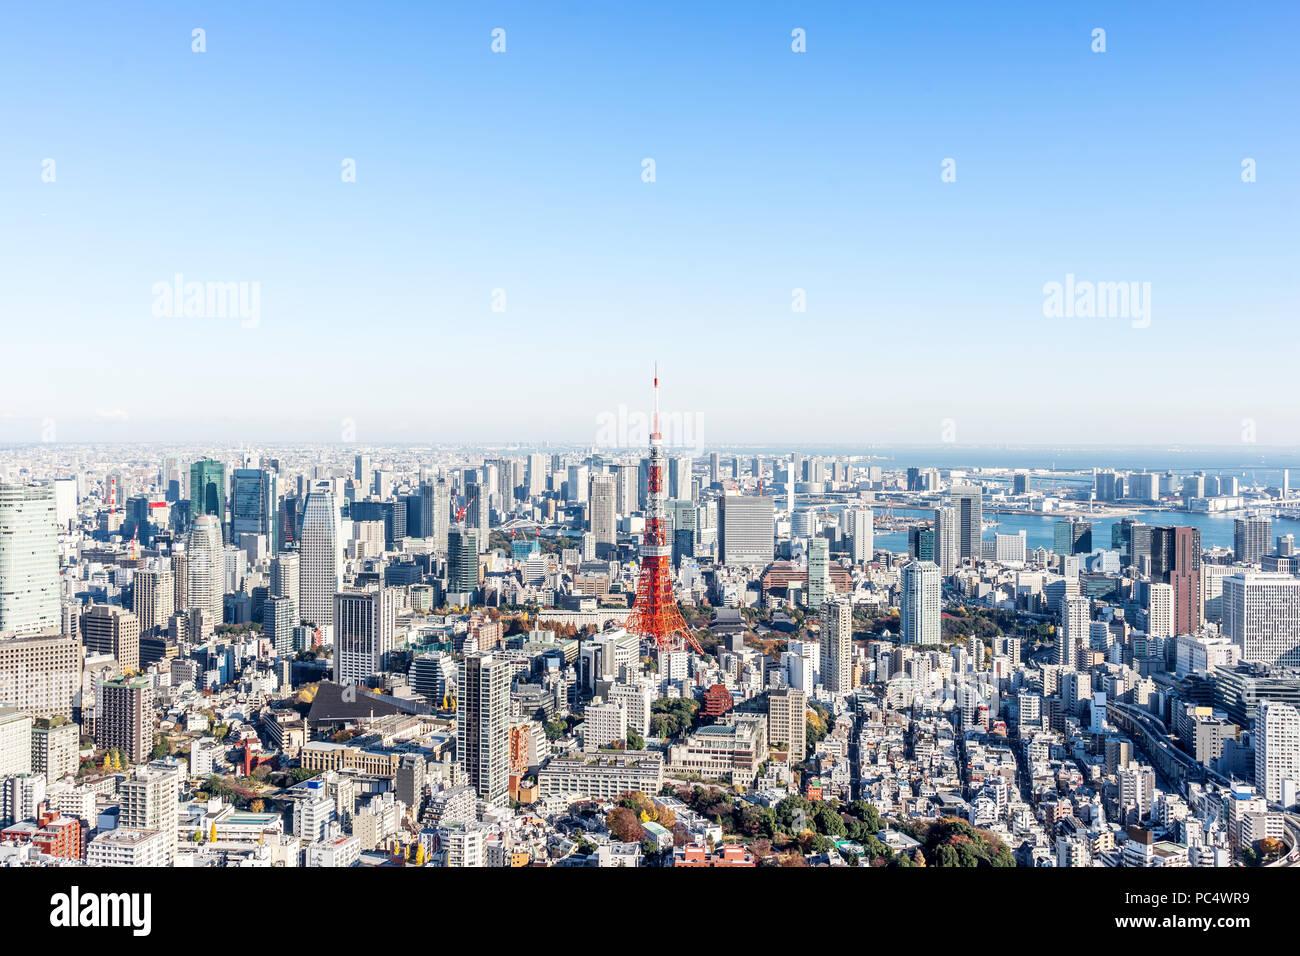 Asia Business concept per il settore immobiliare e aziendale - costruzione moderna panoramiche dello skyline della città bird eye vista aerea della torre di Tokyo e odaiba sotto Immagini Stock